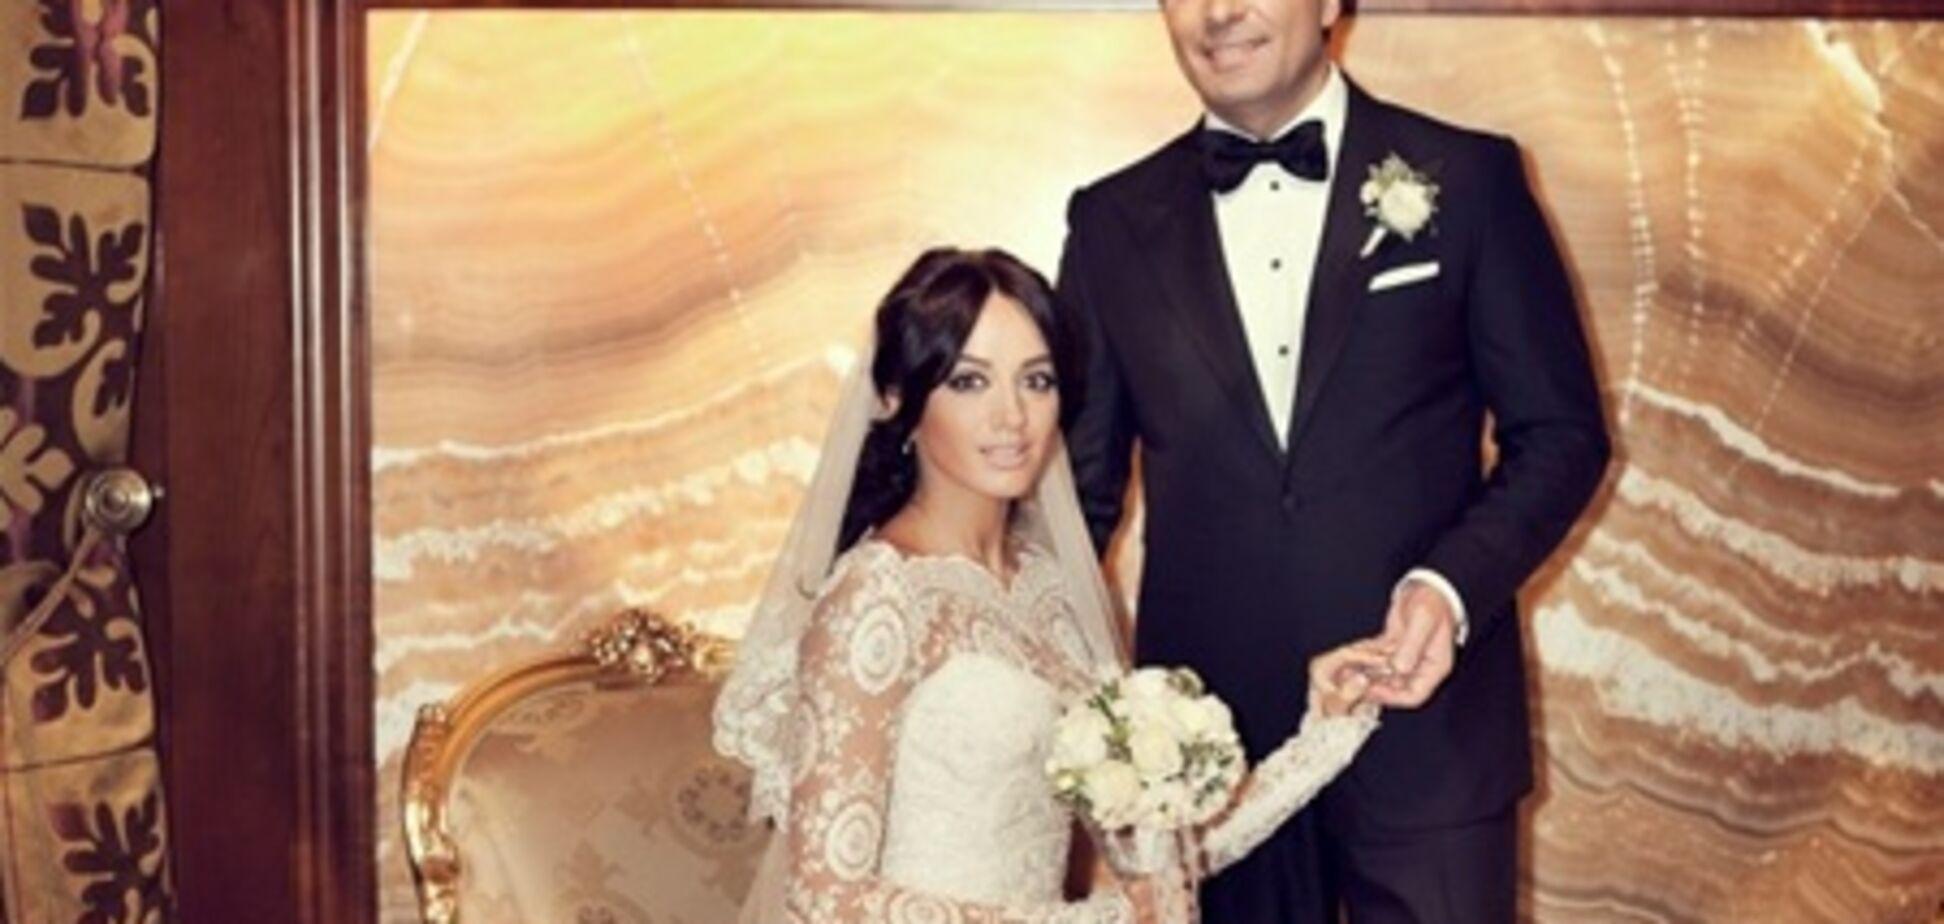 Коновалюк на свадьбе запел. Фото